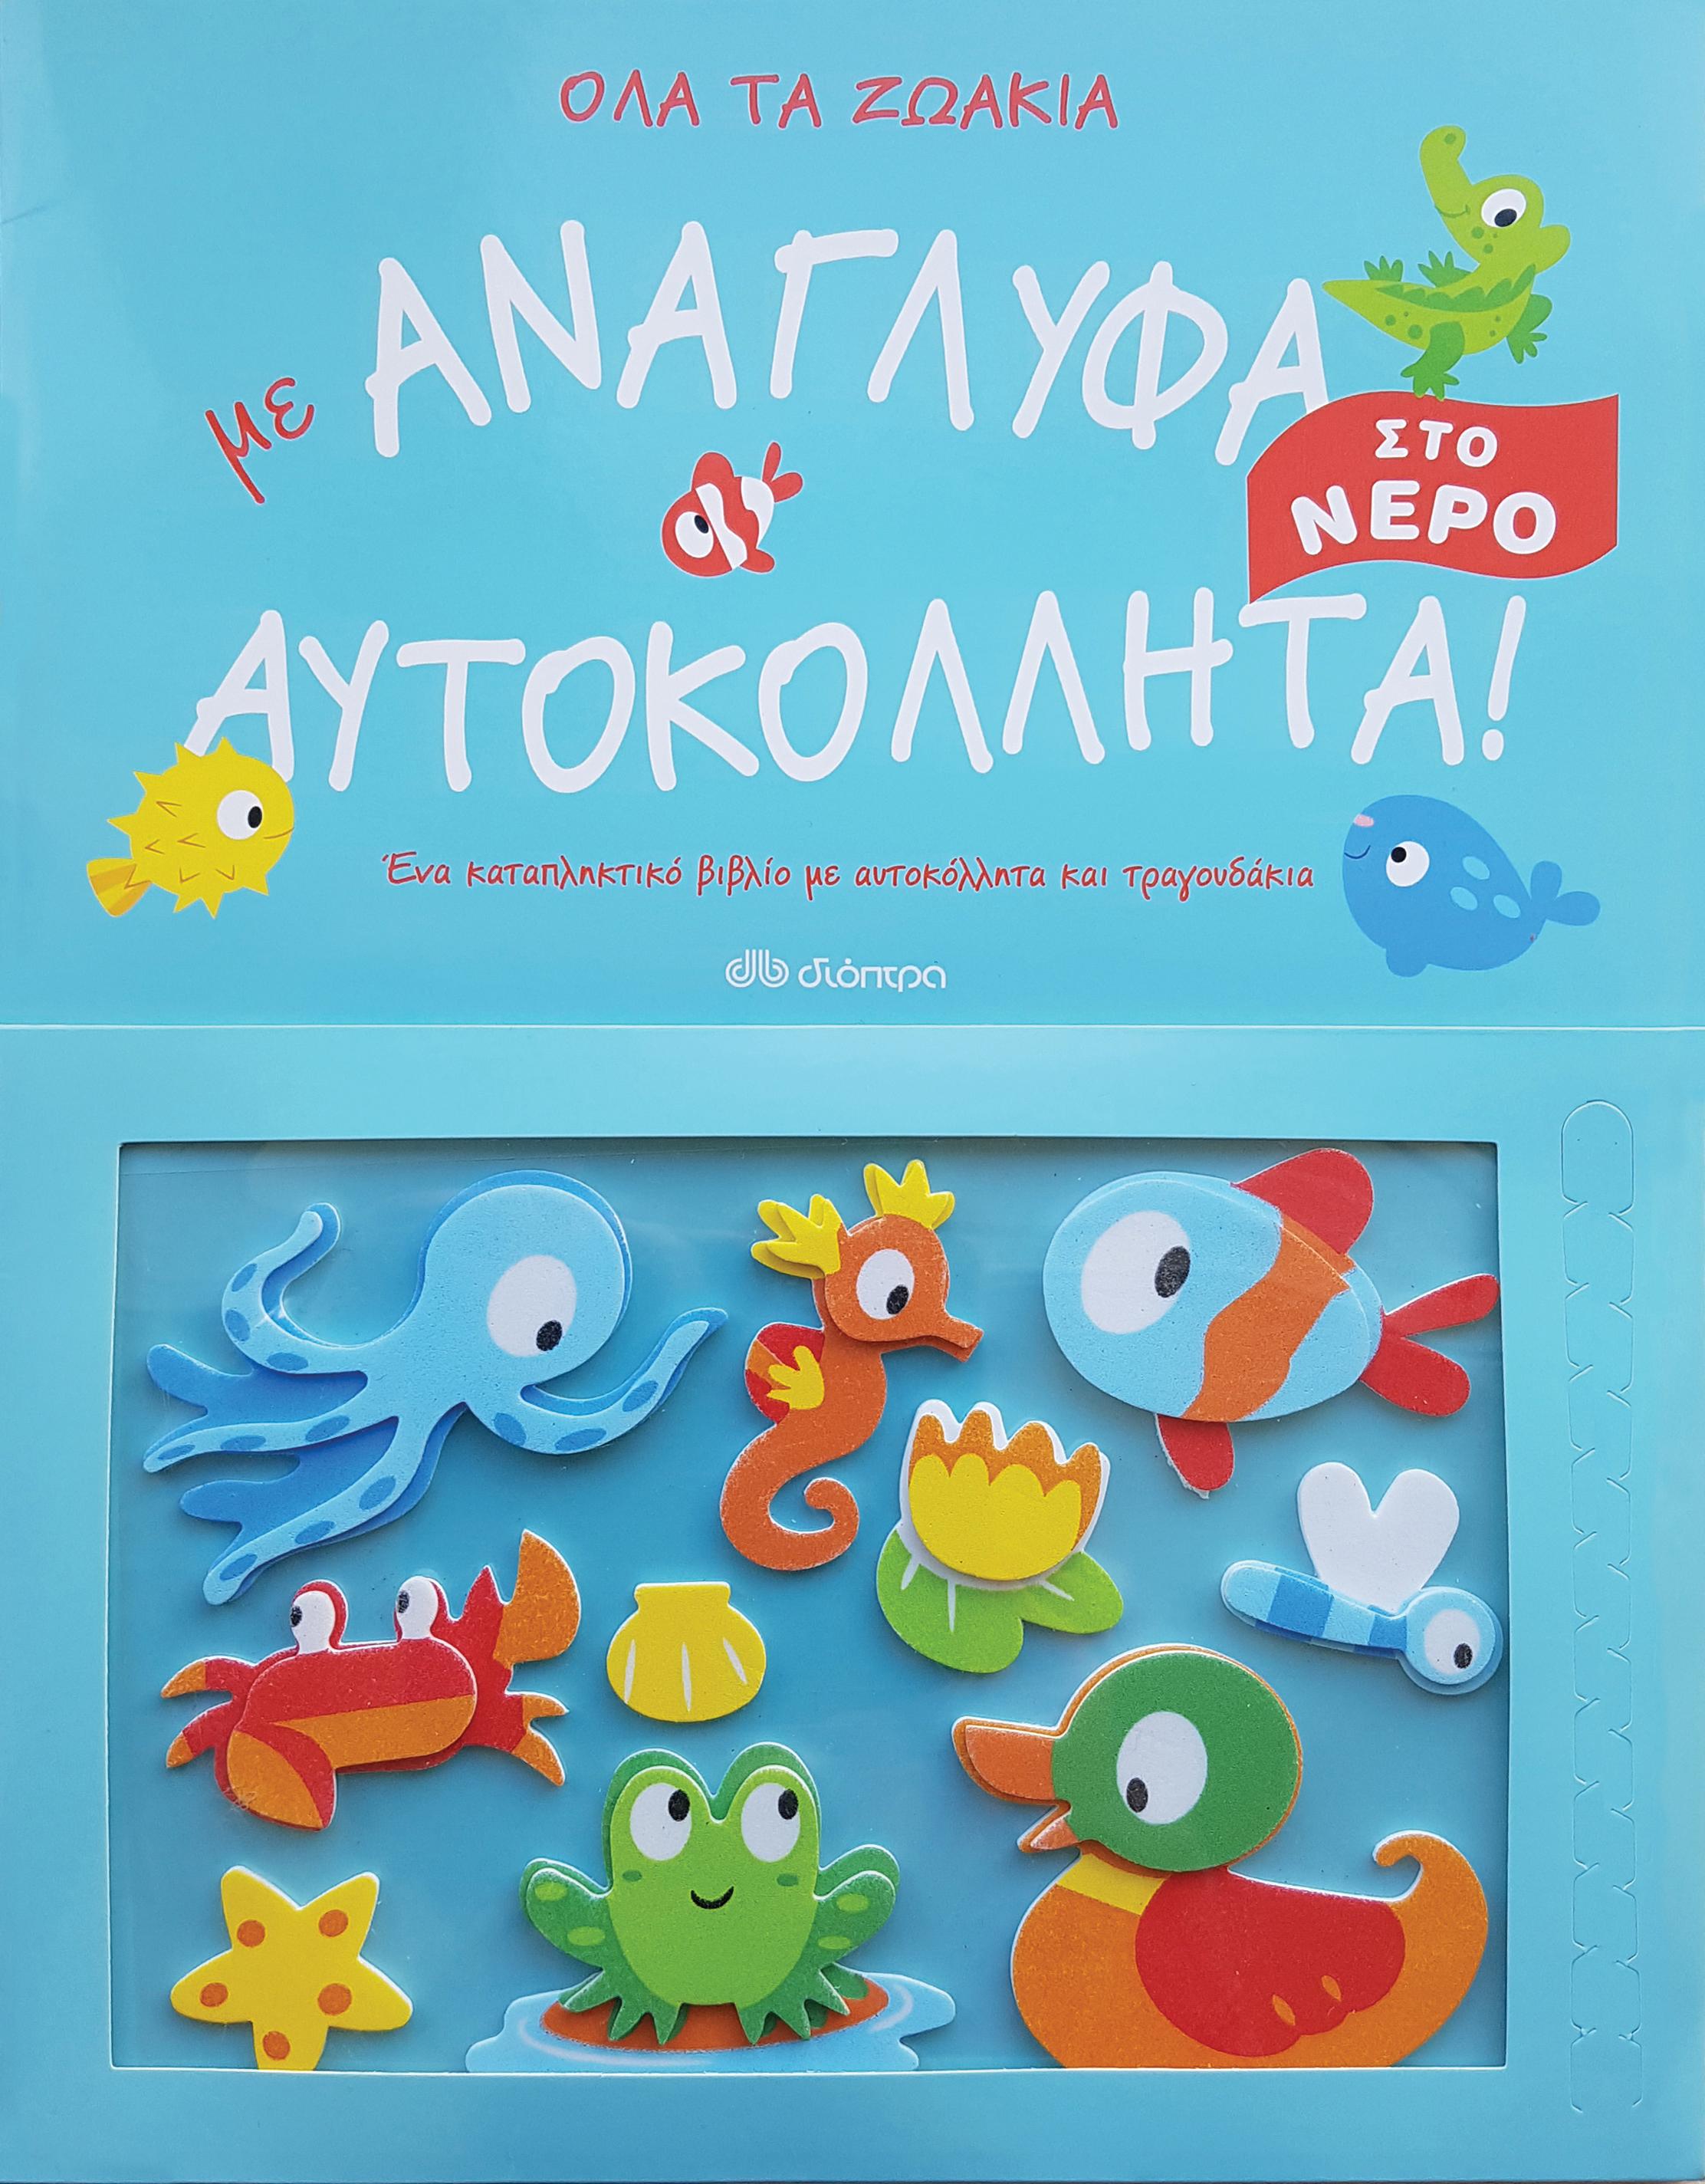 Όλα τα ζωάκια στο νερό με ανάγλυφα αυτοκόλλητα! παιδικά βιβλία